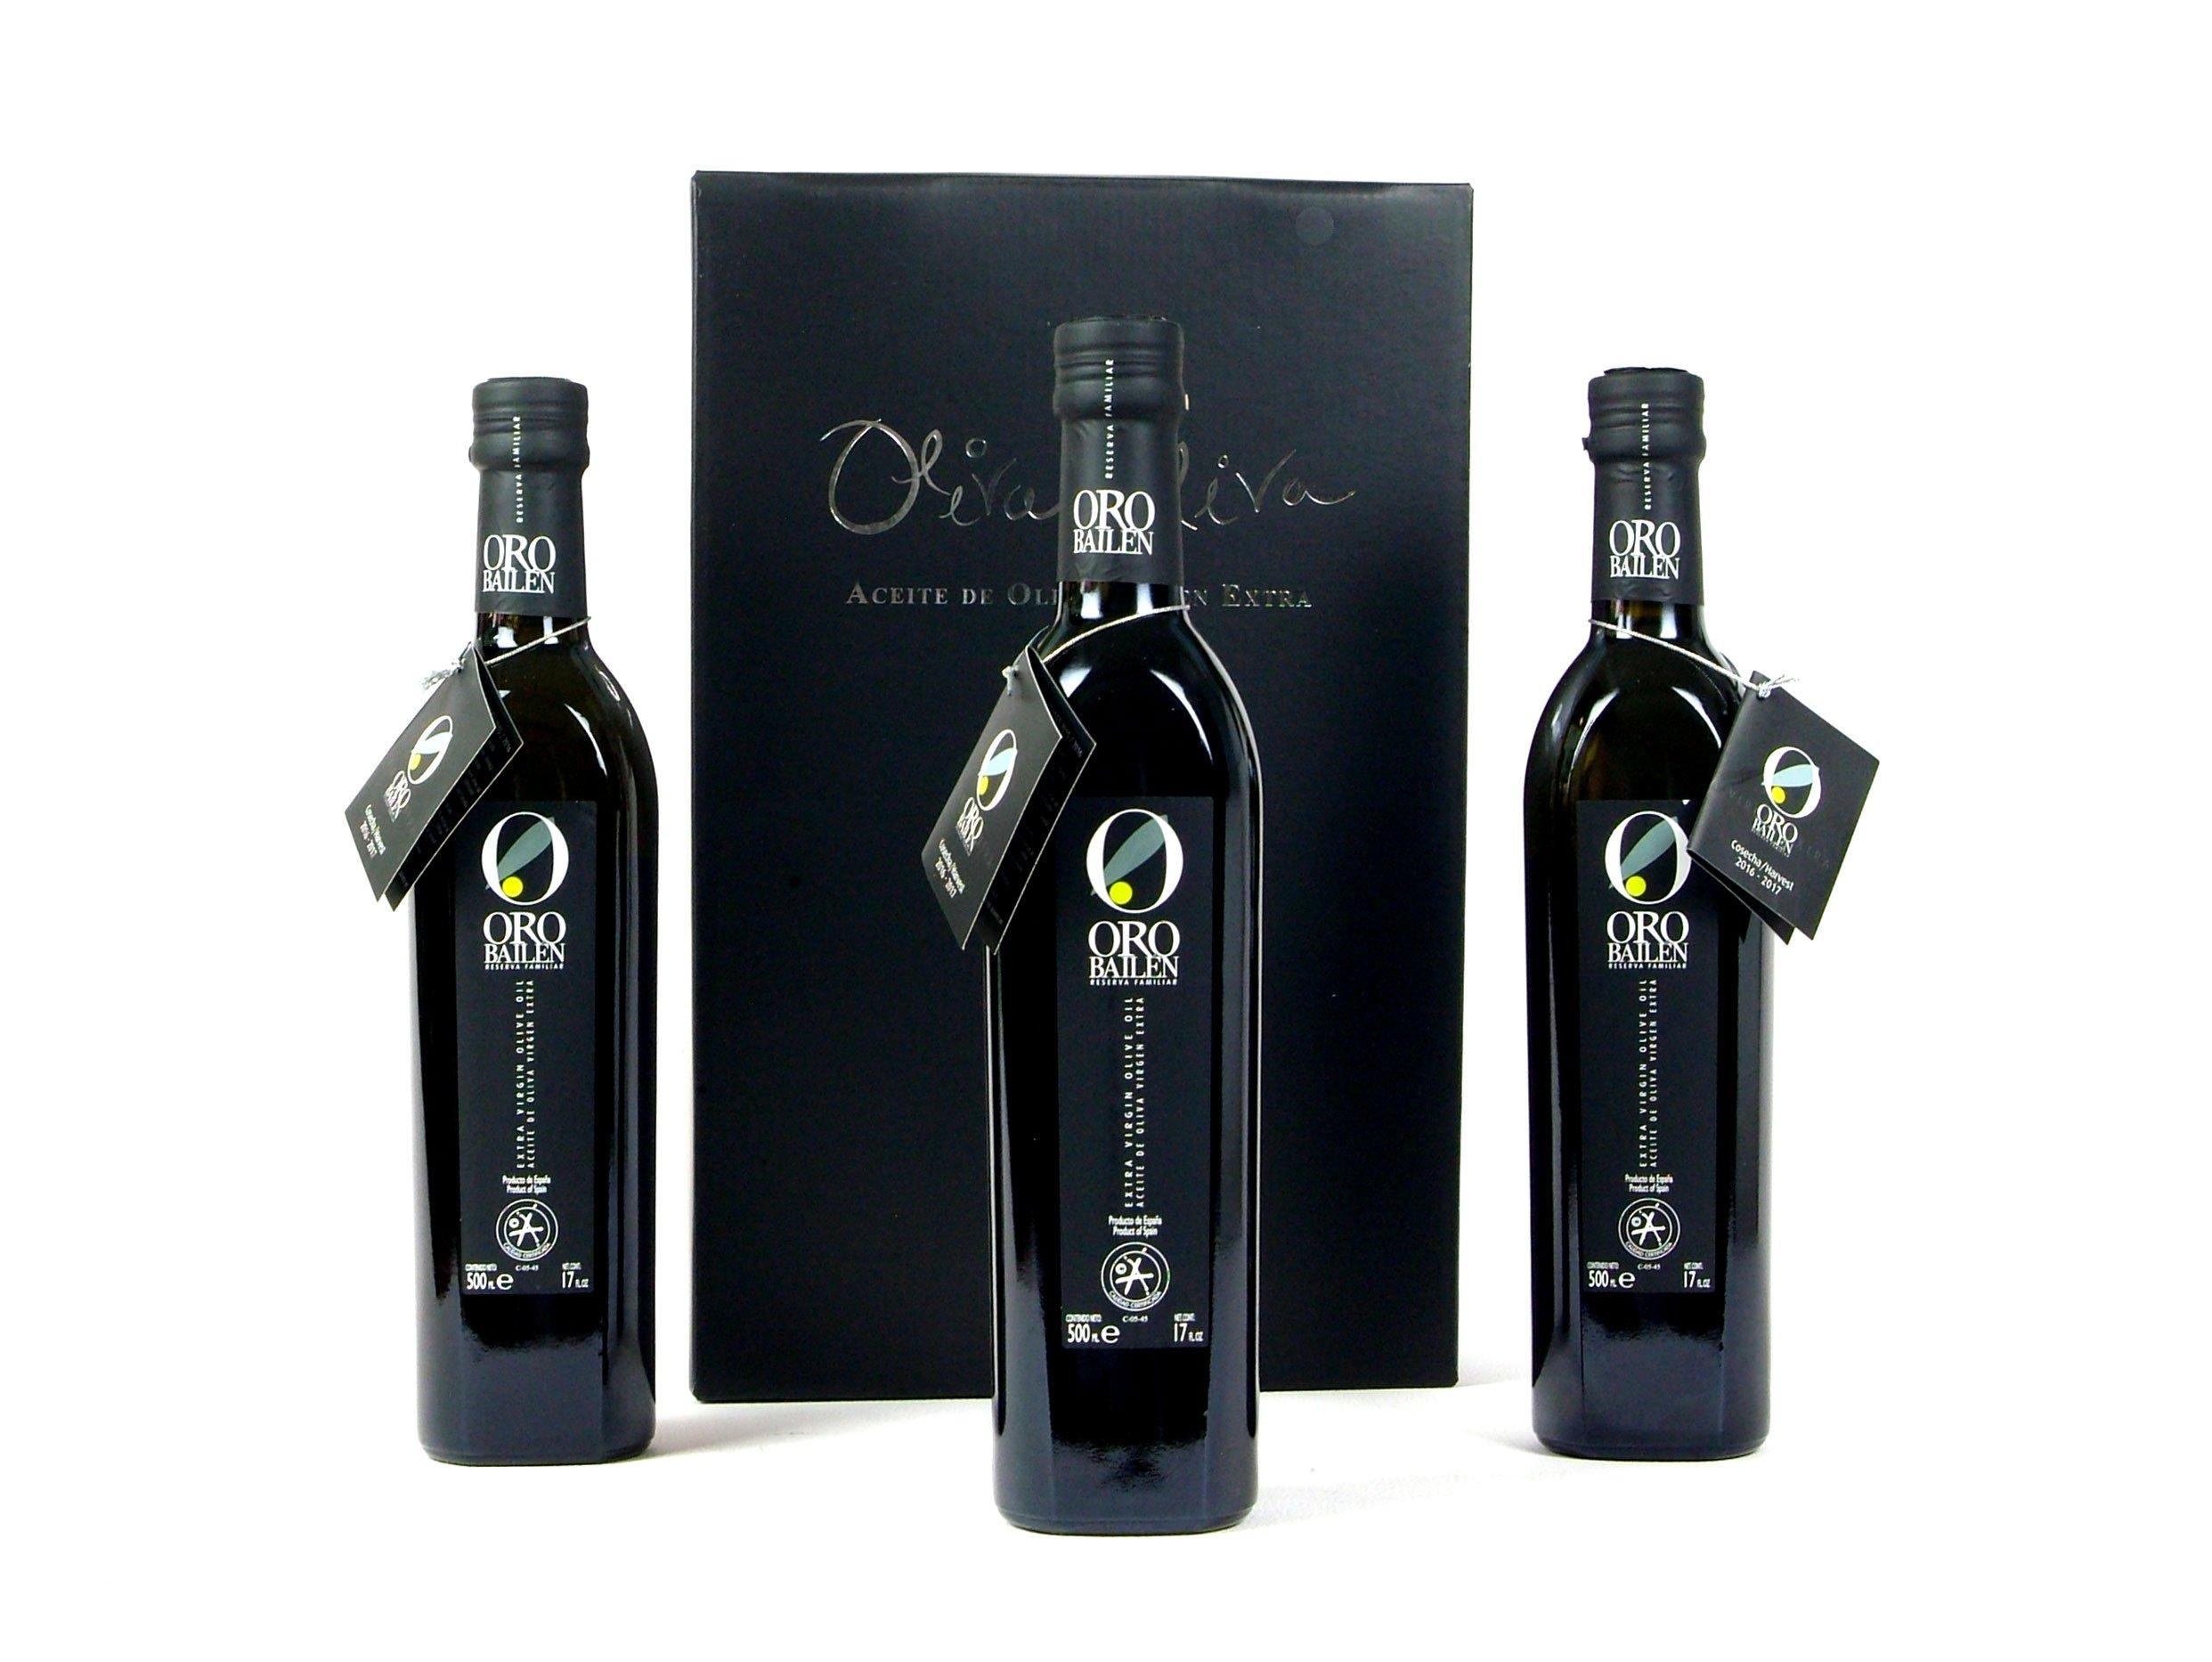 3 bottles Oro Bailen Family Reserve - Extra Virgin Olive Oil, New Harvest 2017, 17-Ounce / 500 ml by Oro Bailen